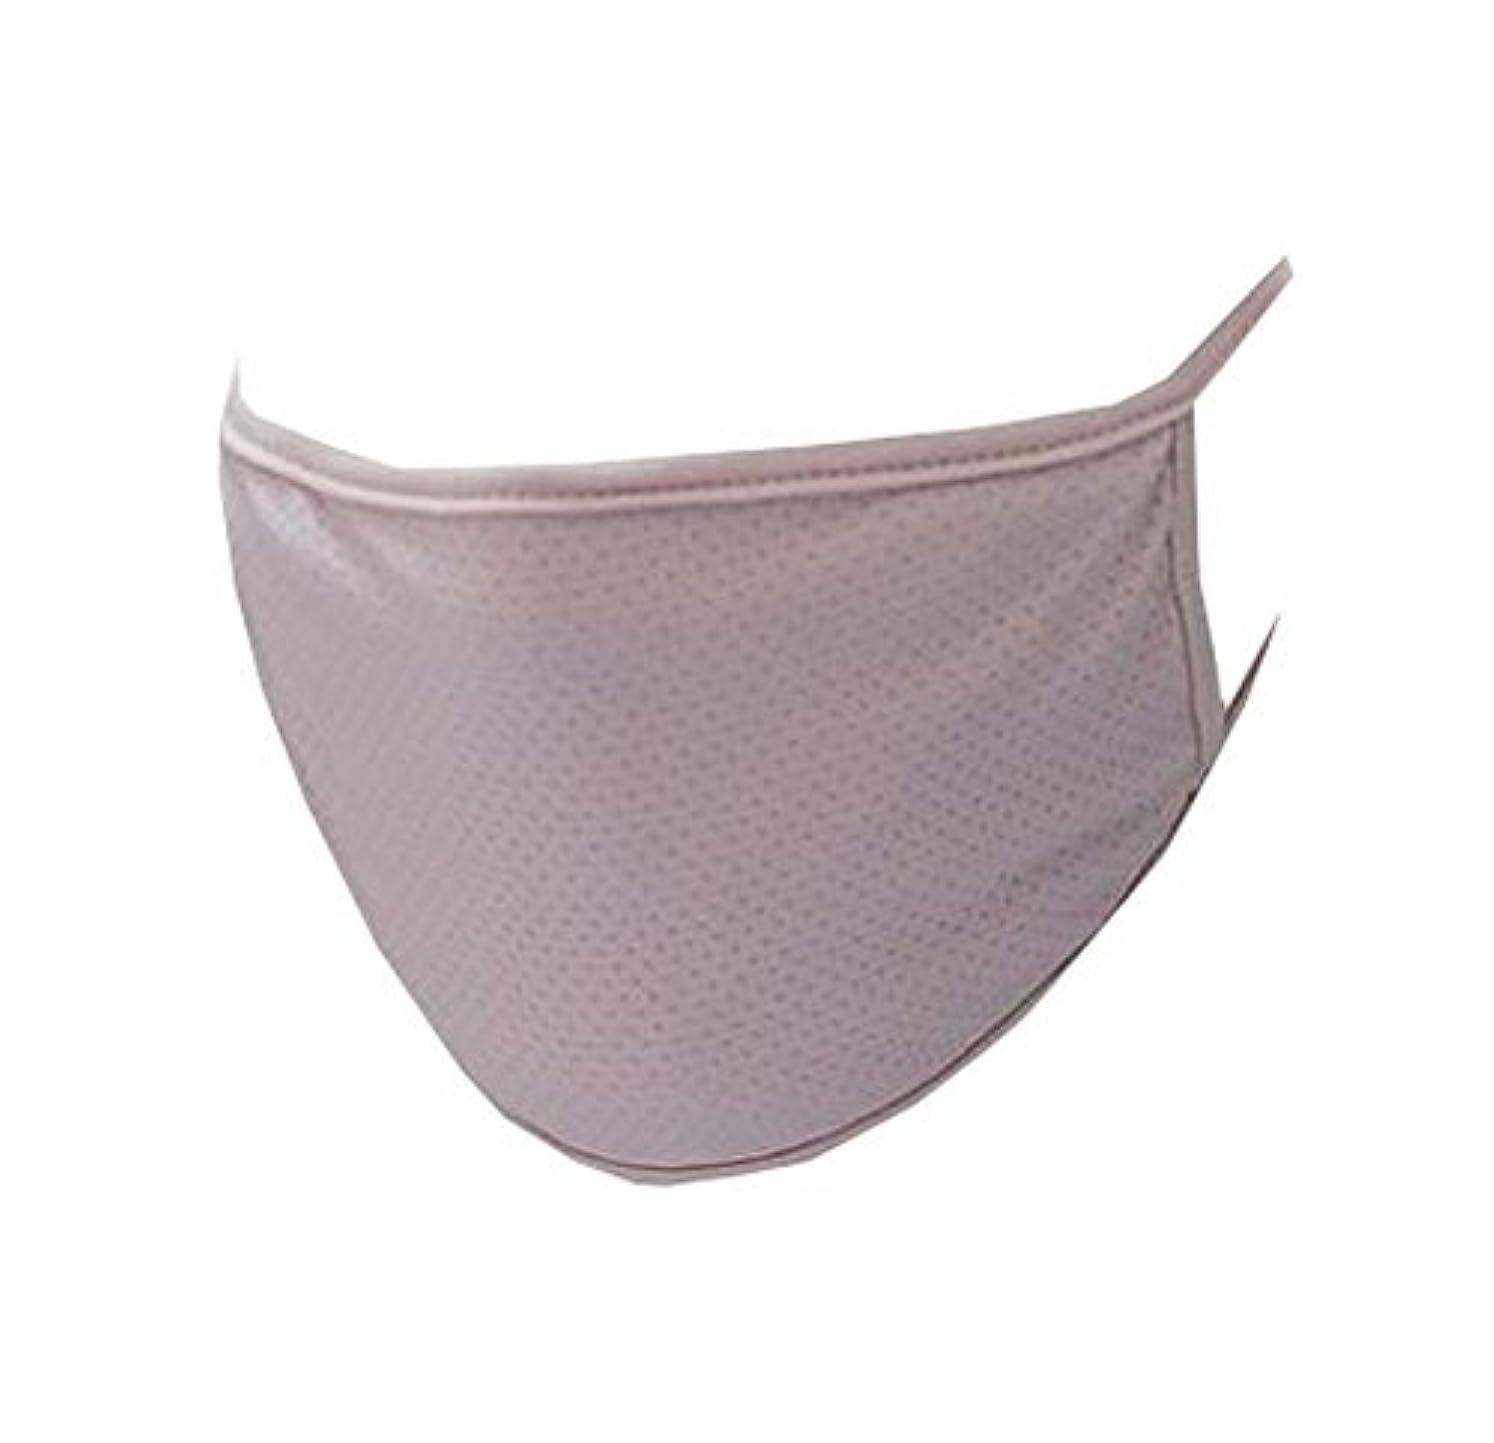 付与でるエゴイズム口マスク、再使用可能フィルター - 埃、花粉、アレルゲン、抗UV、およびインフルエンザ菌 - F